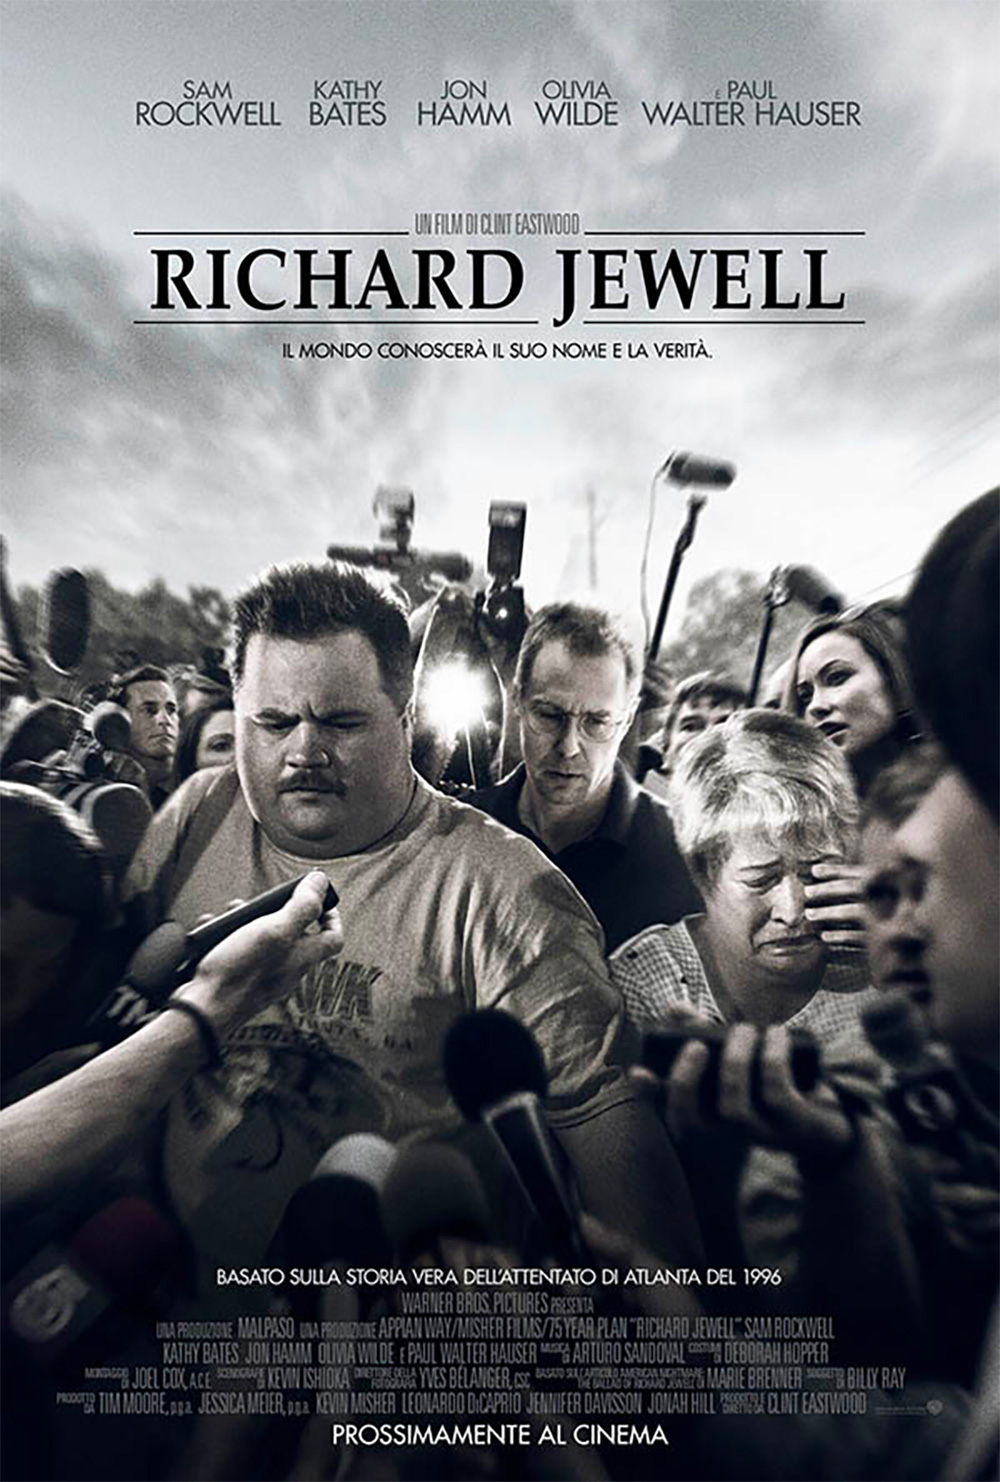 In foto Paul Walter Hauser (35 anni) Dall'articolo: Richard Jewell, il poster italiano del film.